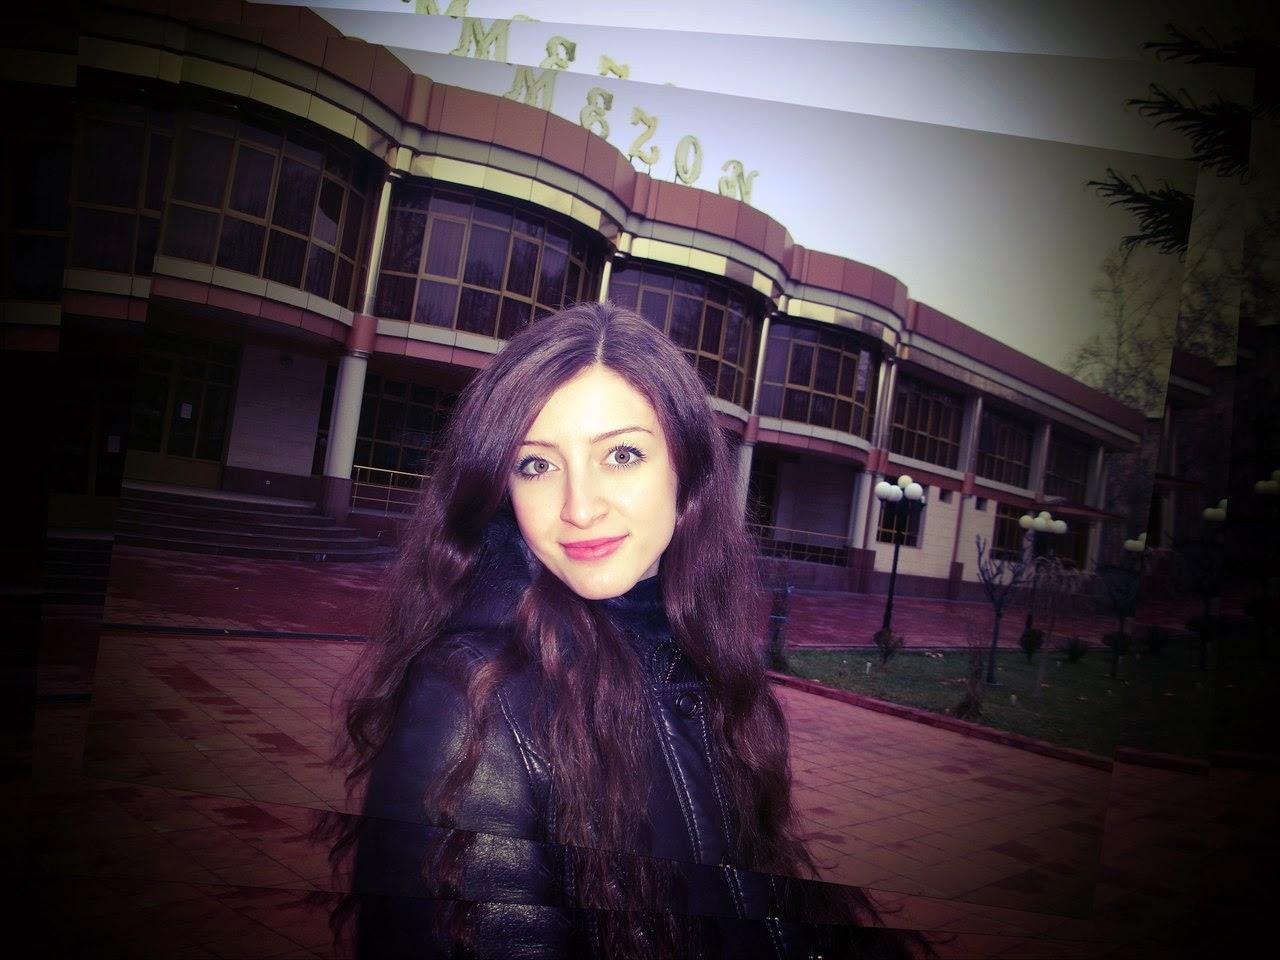 Секс узбечек ташкент, Узбекский секс видео молодой красавицы из Ташкента 2 фотография